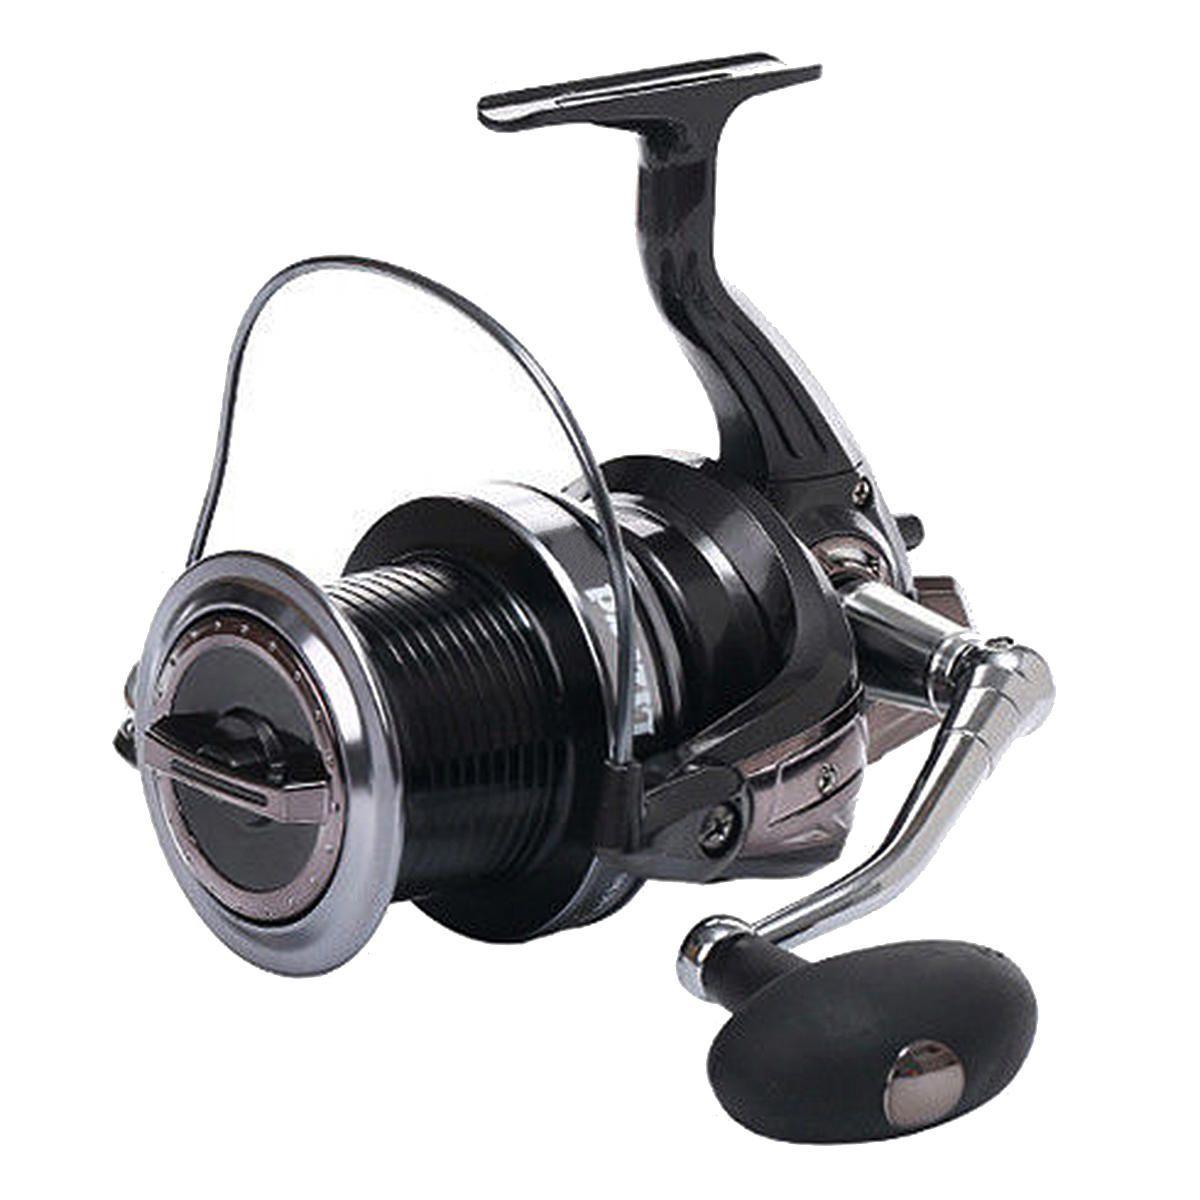 ZANLURE 5.1:1 13+1BB Metal Spinning Reel 5000 6000 9000 Long Casting Saltwater Fishing Reel